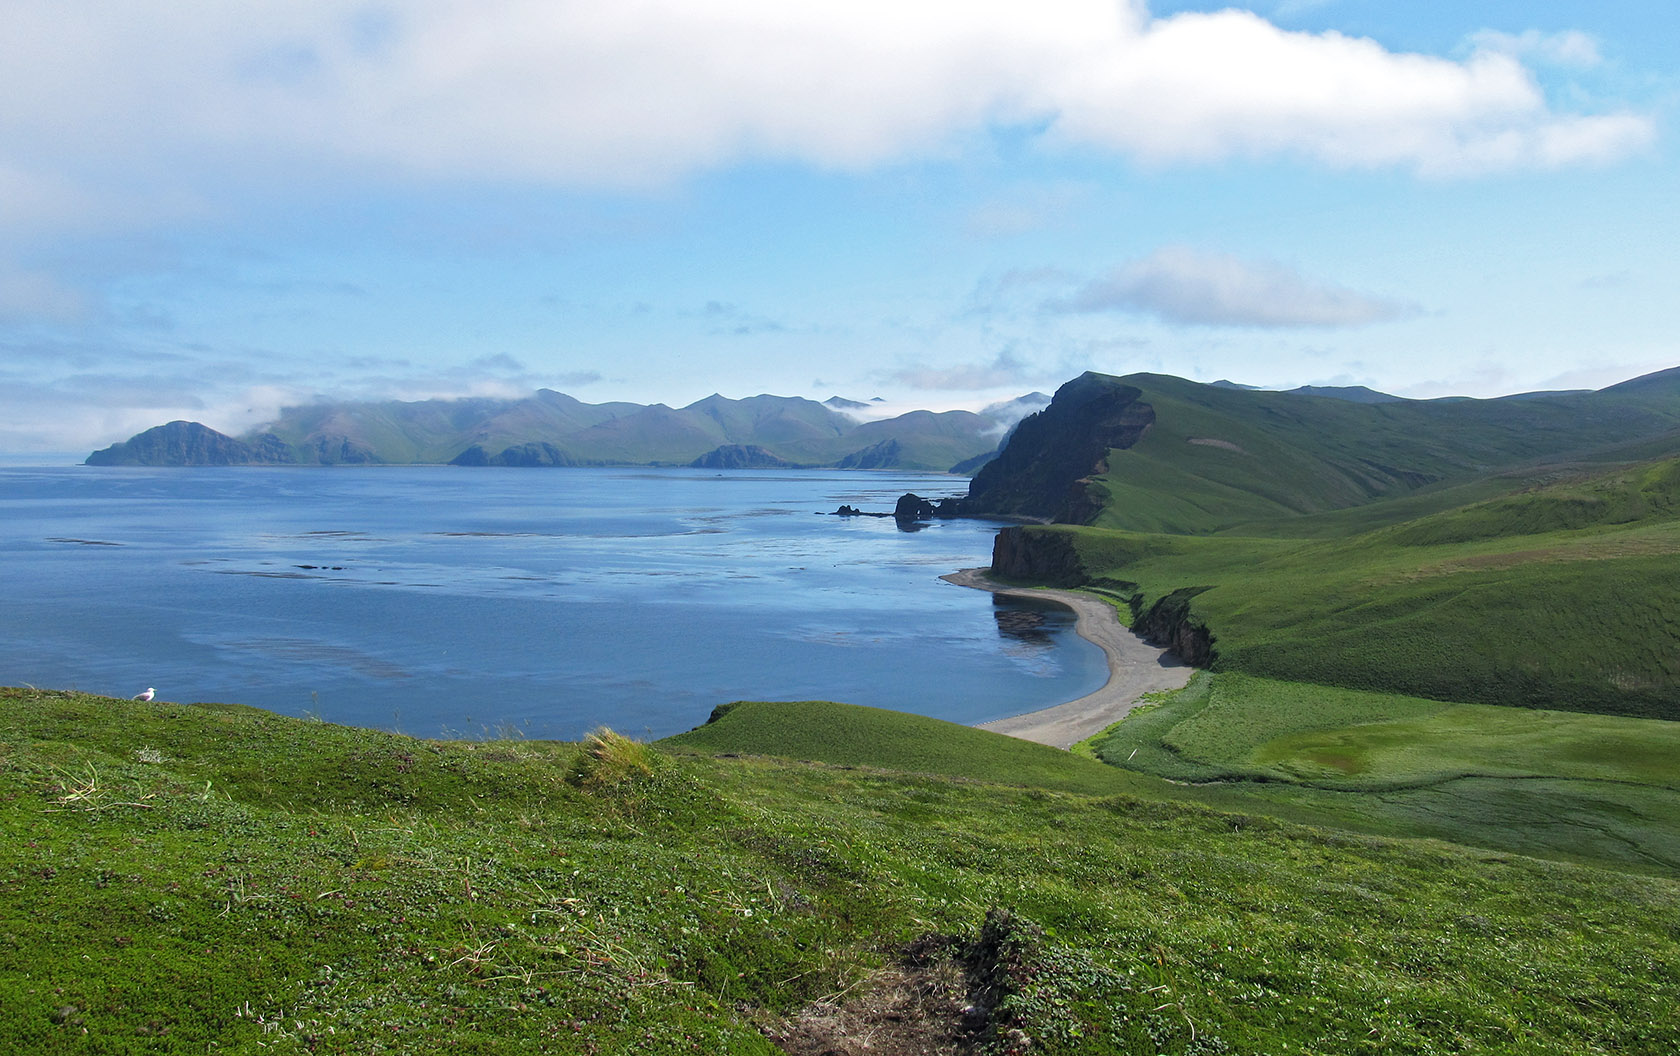 наше поле фото остров медный миримская